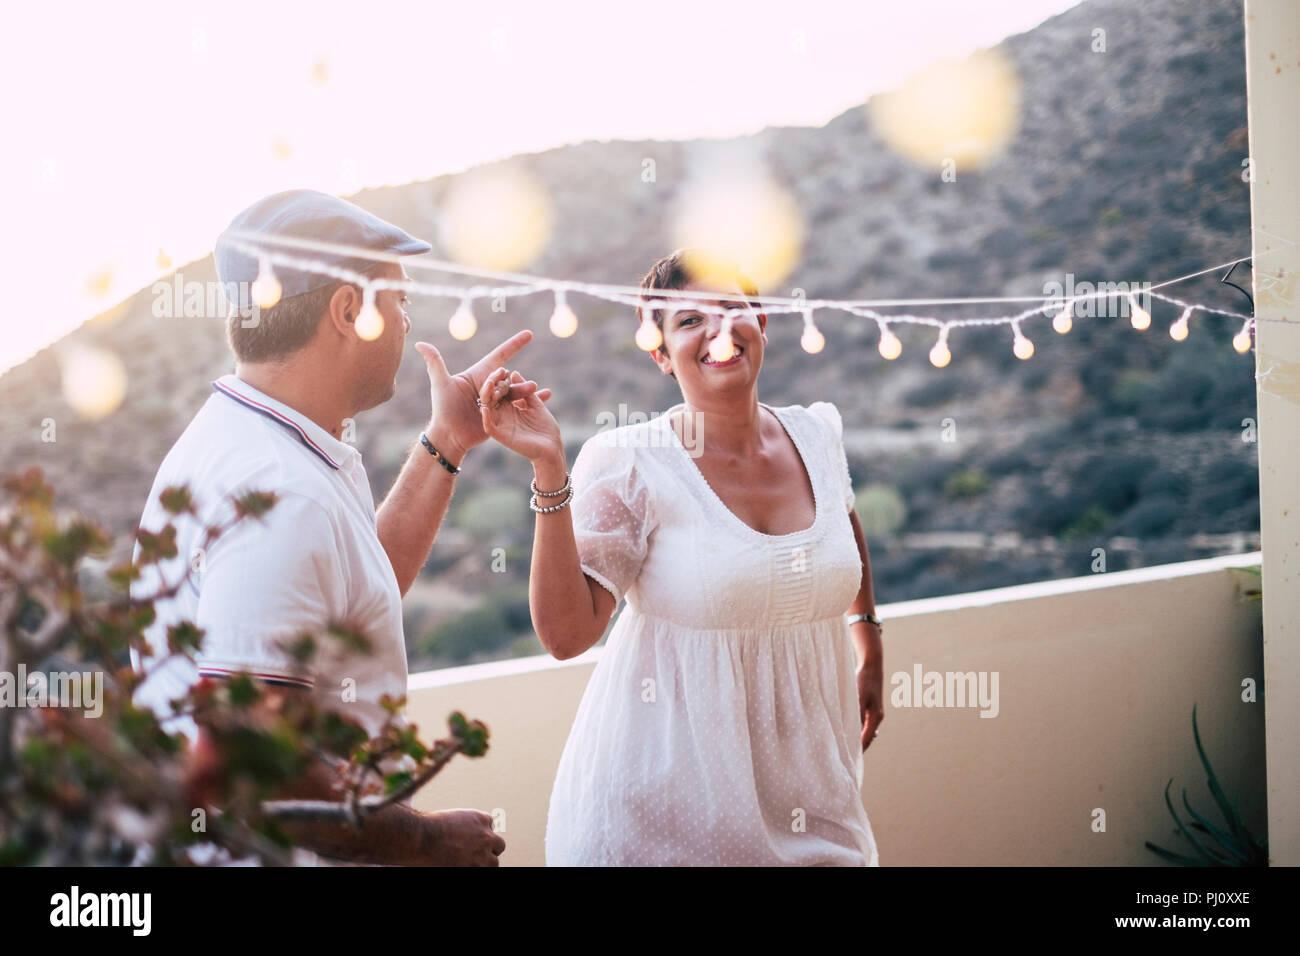 Felice caucasian persone che ballano insieme a casa in terrazza con luci durante il tramonto. romantico e il rapporto di concetto di immagine per le persone felici in Immagini Stock